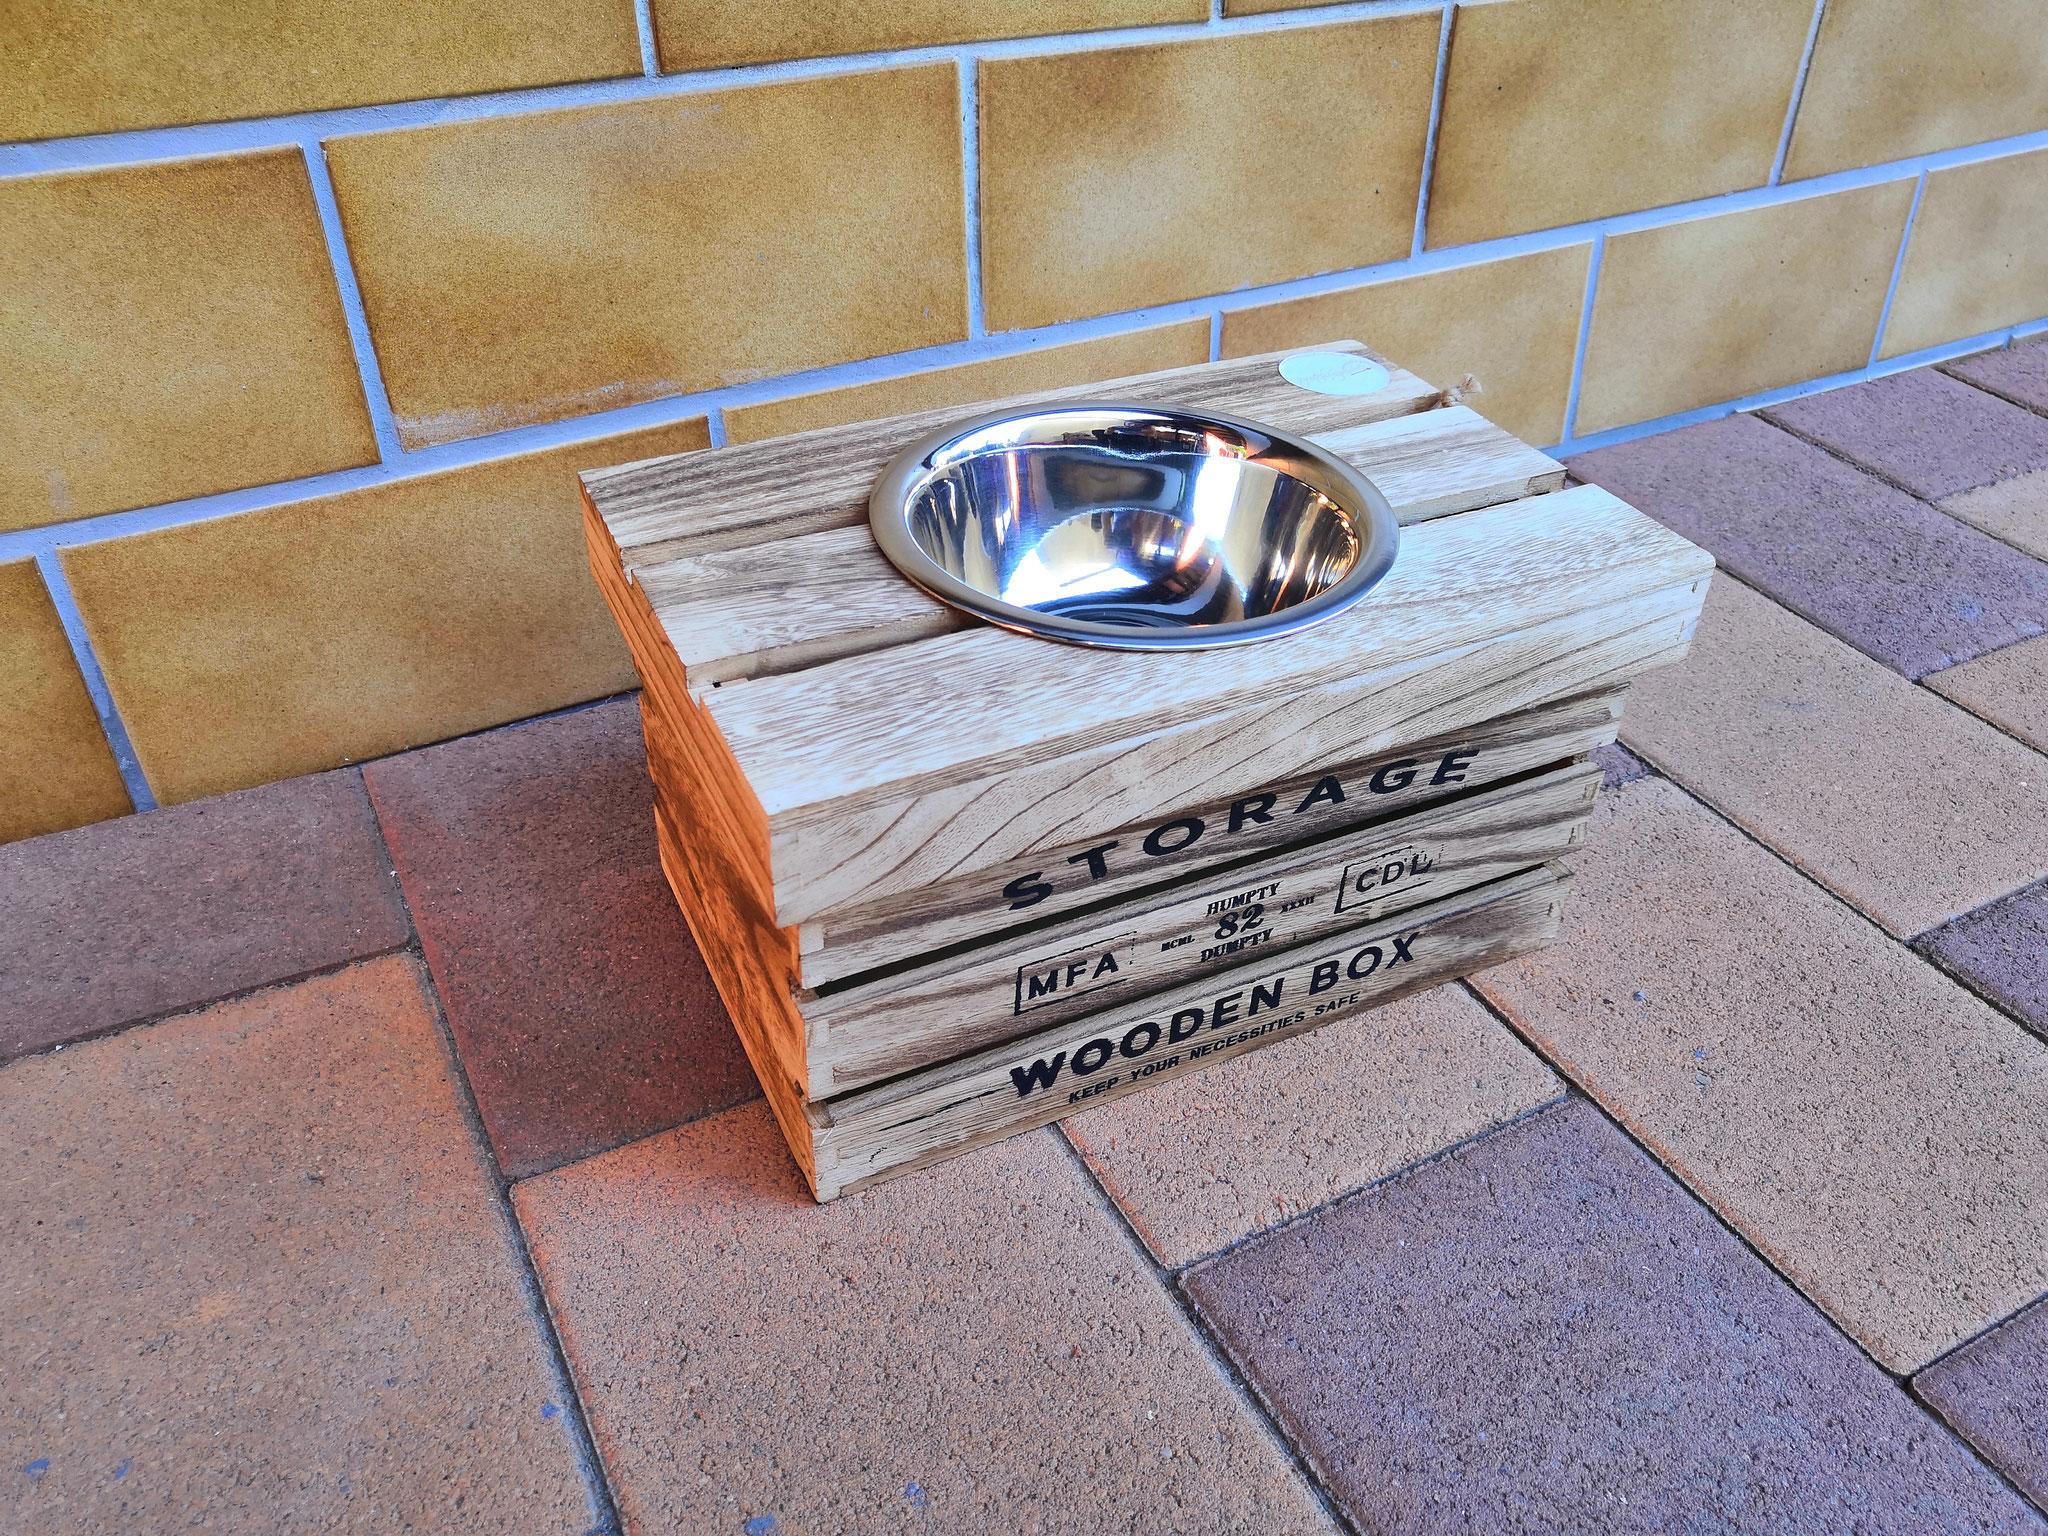 Napfbar mit Box, 30x20x16cm (BxTxH), 450ml Napf